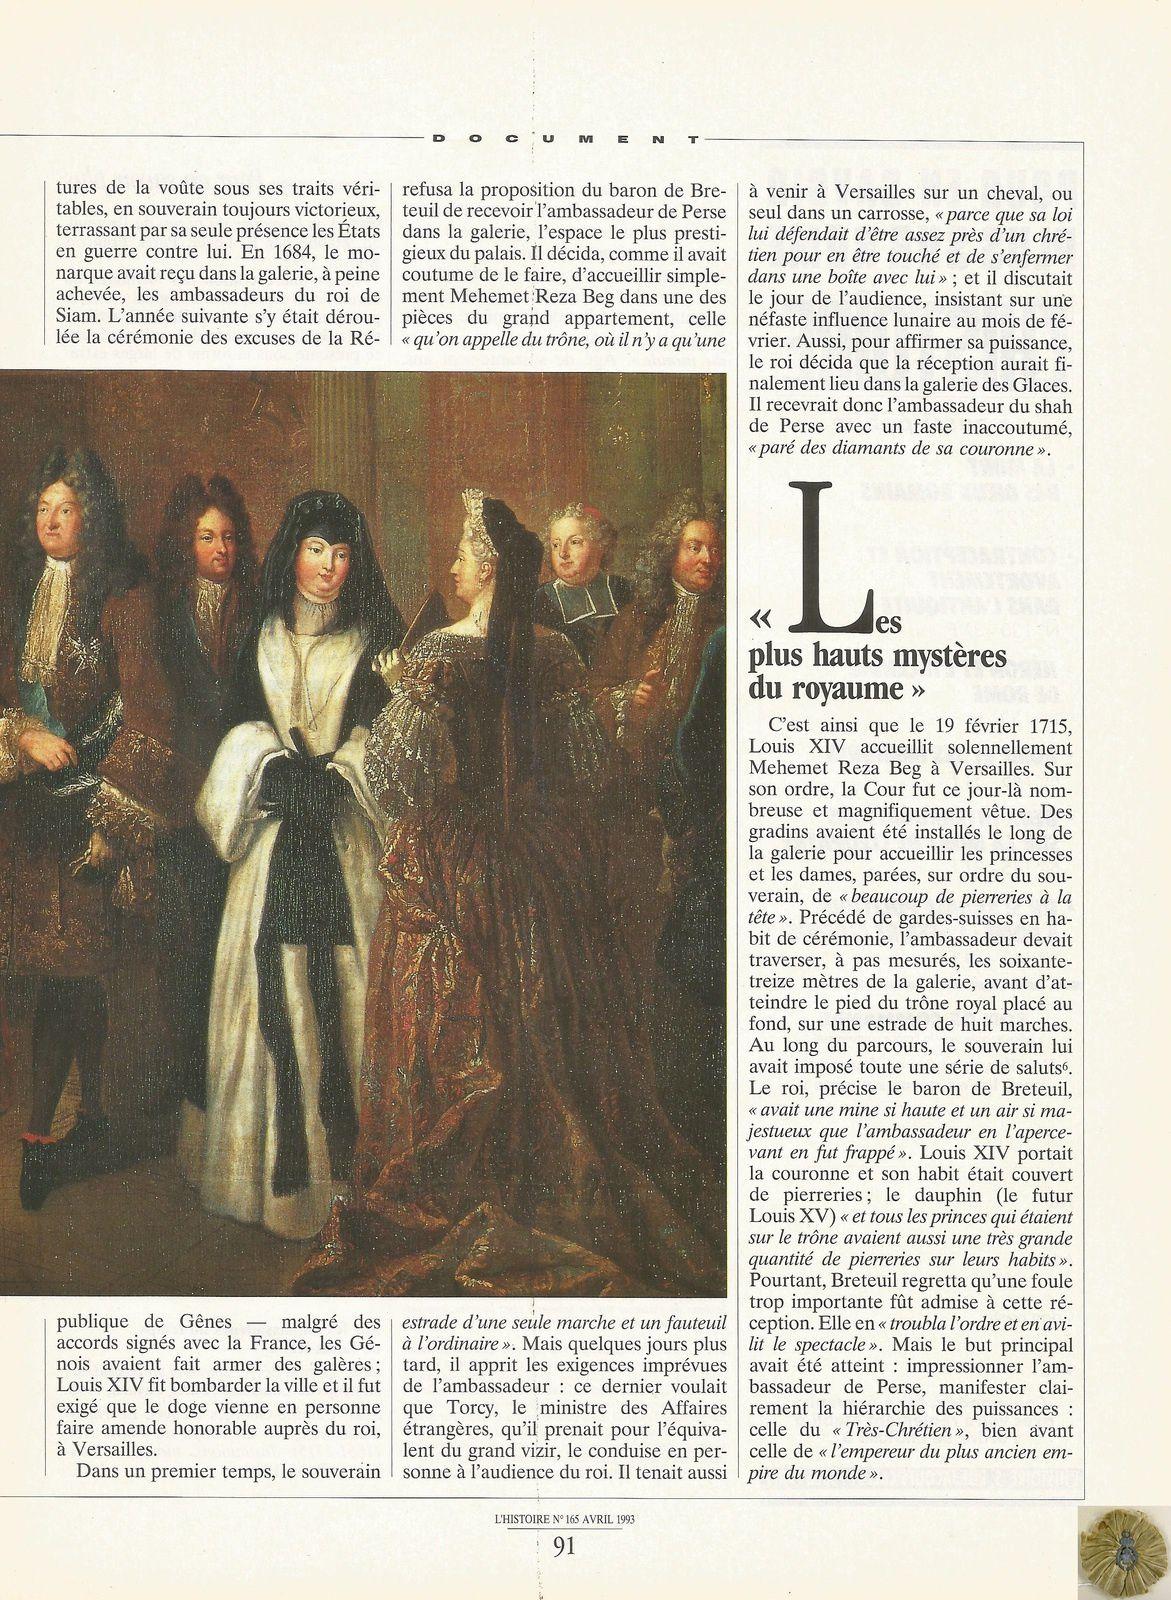 L'HISTOIRE NUMÉRO 165 - AVRIL 1993